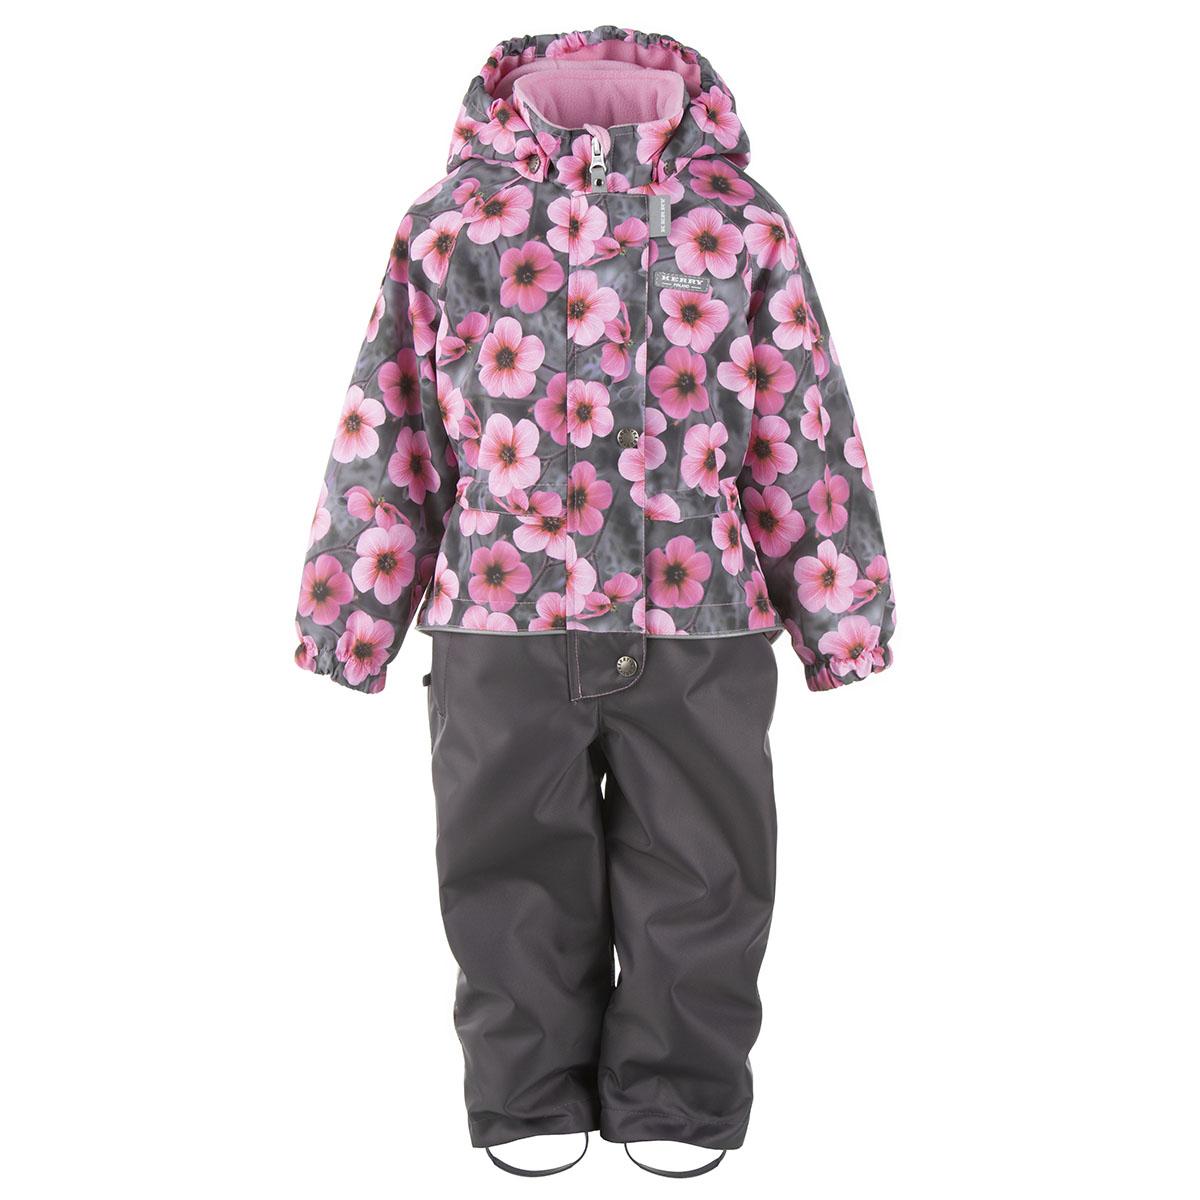 Купить Комбинезон для девочек HANNAH Kerry, Размер 98, Цвет 1911-серый с цветами K21019-1911_98,